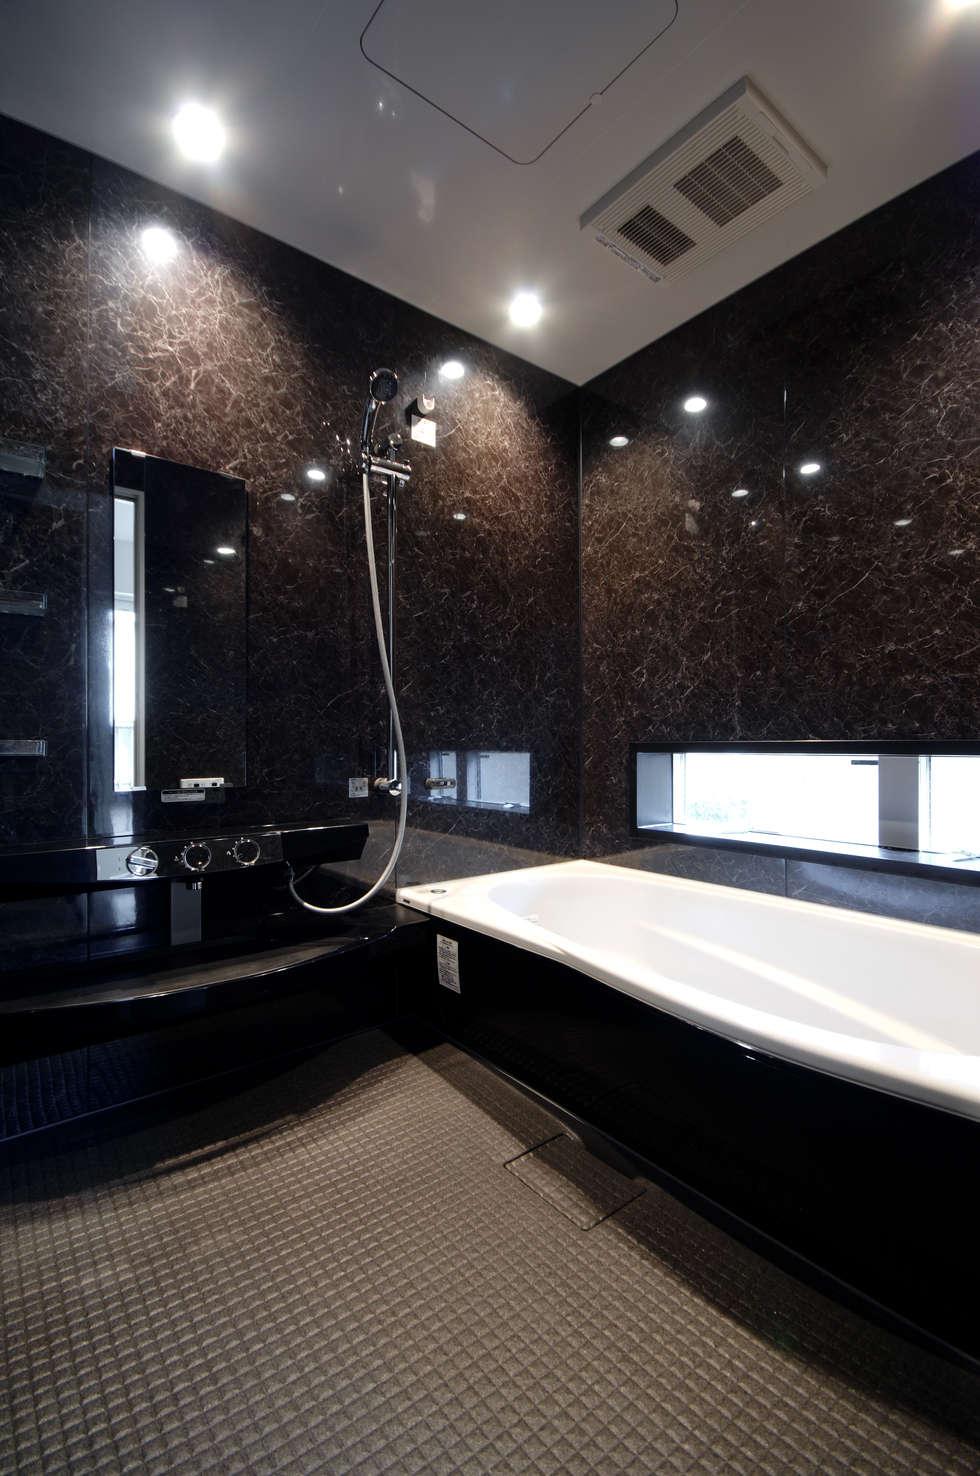 3つの天窓のある家: 前田敦計画工房が手掛けた浴室です。